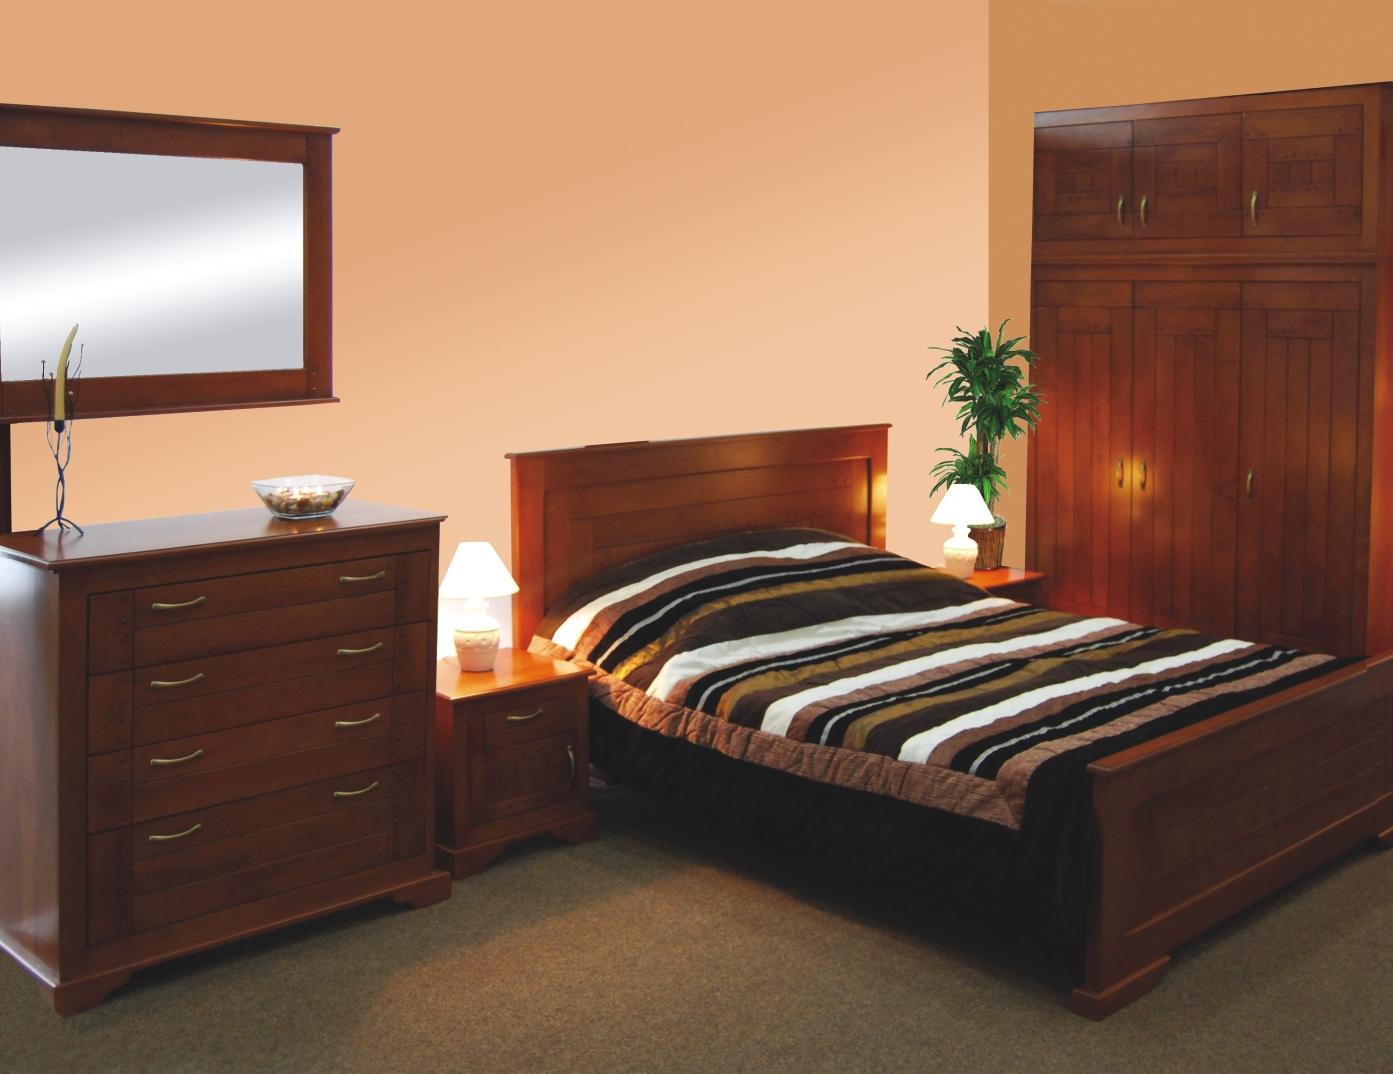 Ensemble pour chambre coucher clasic 50 0 100 0 for Ensemble chambre coucher